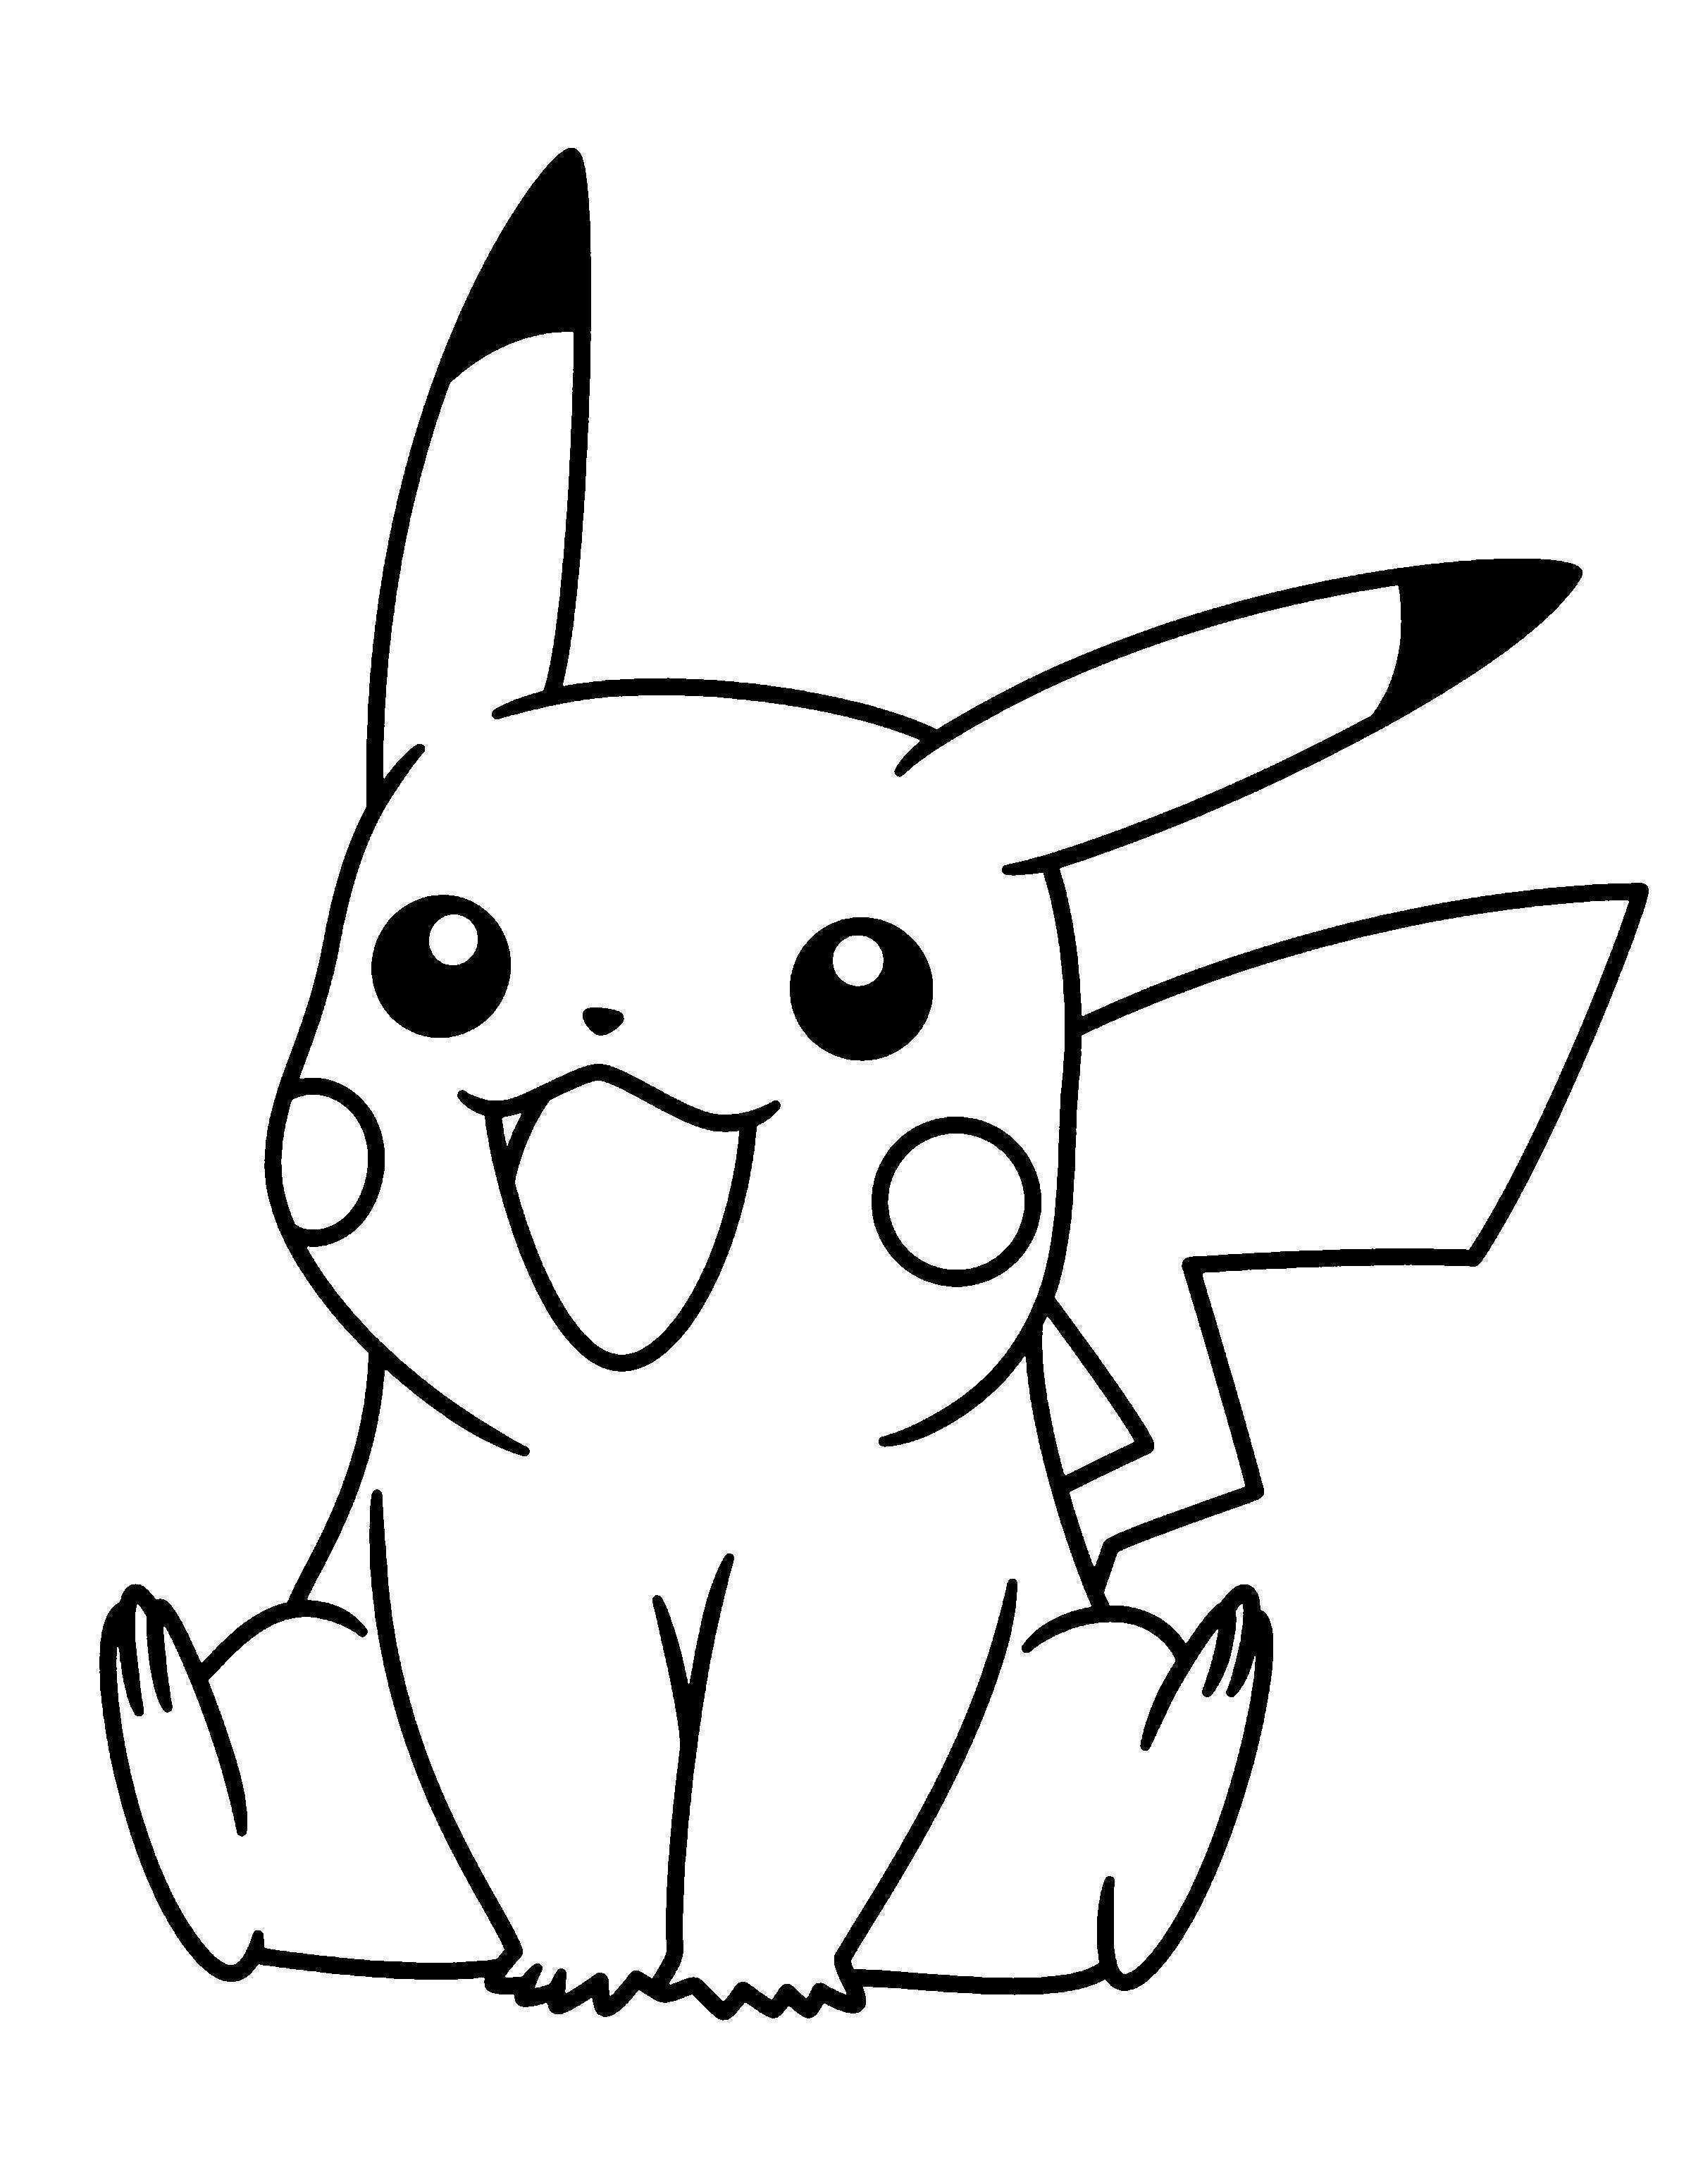 Resultats Google De Recherche D Images Correspondant A Http Www Gamepow Info Wp Content U Pikachu Coloring Page Cartoon Coloring Pages Pokemon Coloring Pages